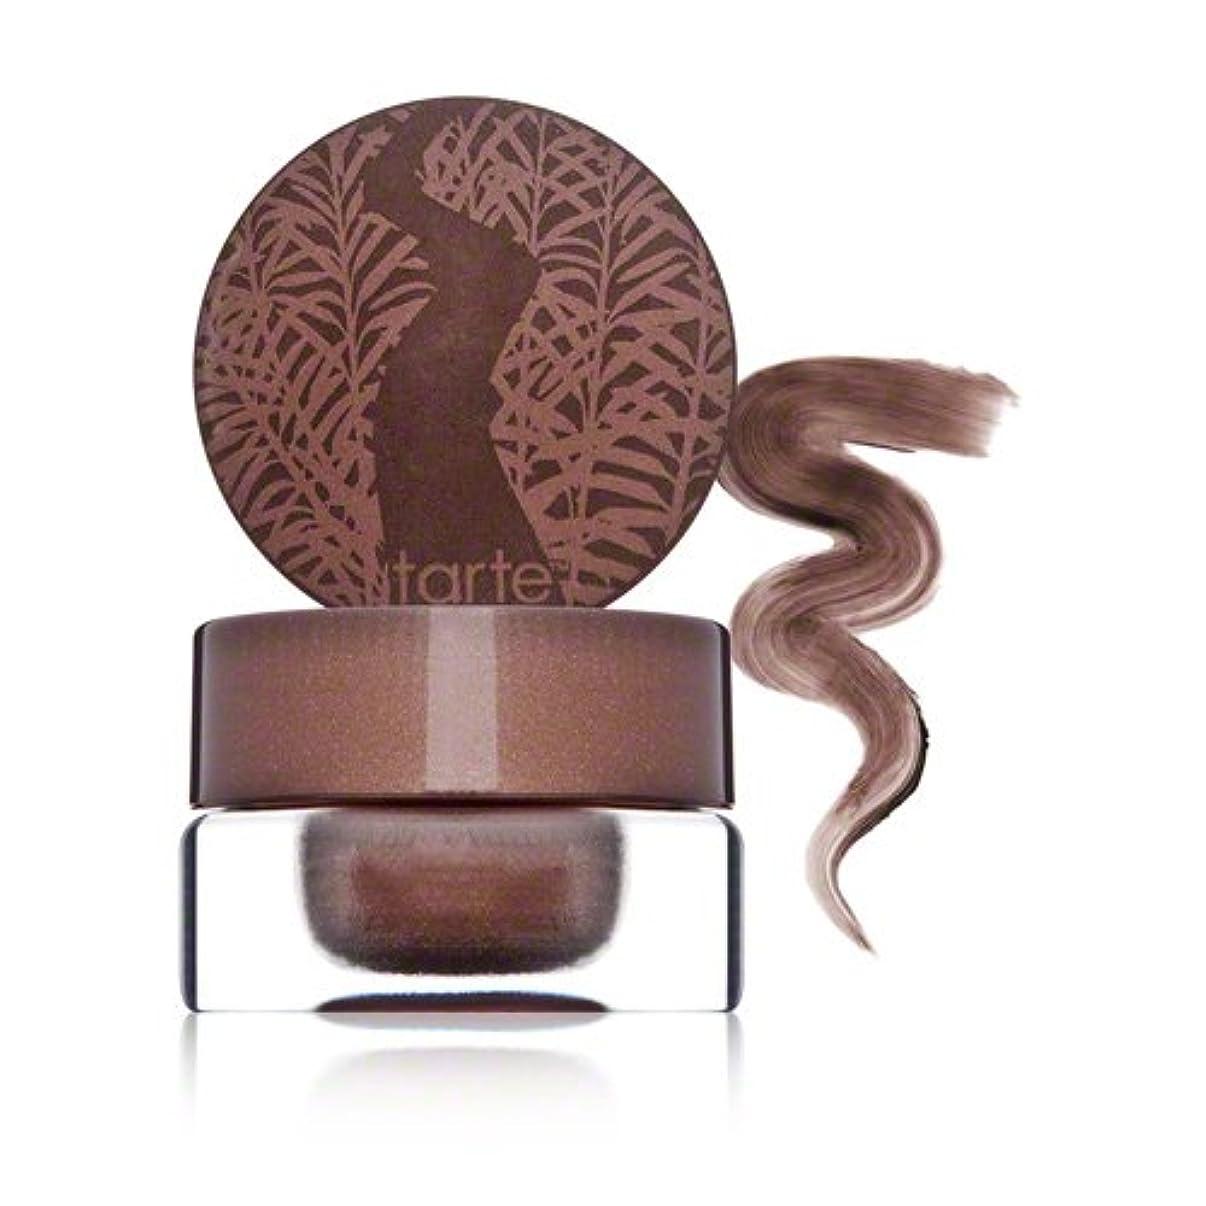 ひいきにする護衛とげTarte Cosmetics Amazonian Clay Waterproof Cream Eyeshadow Shimmering Bronze 0.1 oz. by Tarte Cosmetics [並行輸入品]